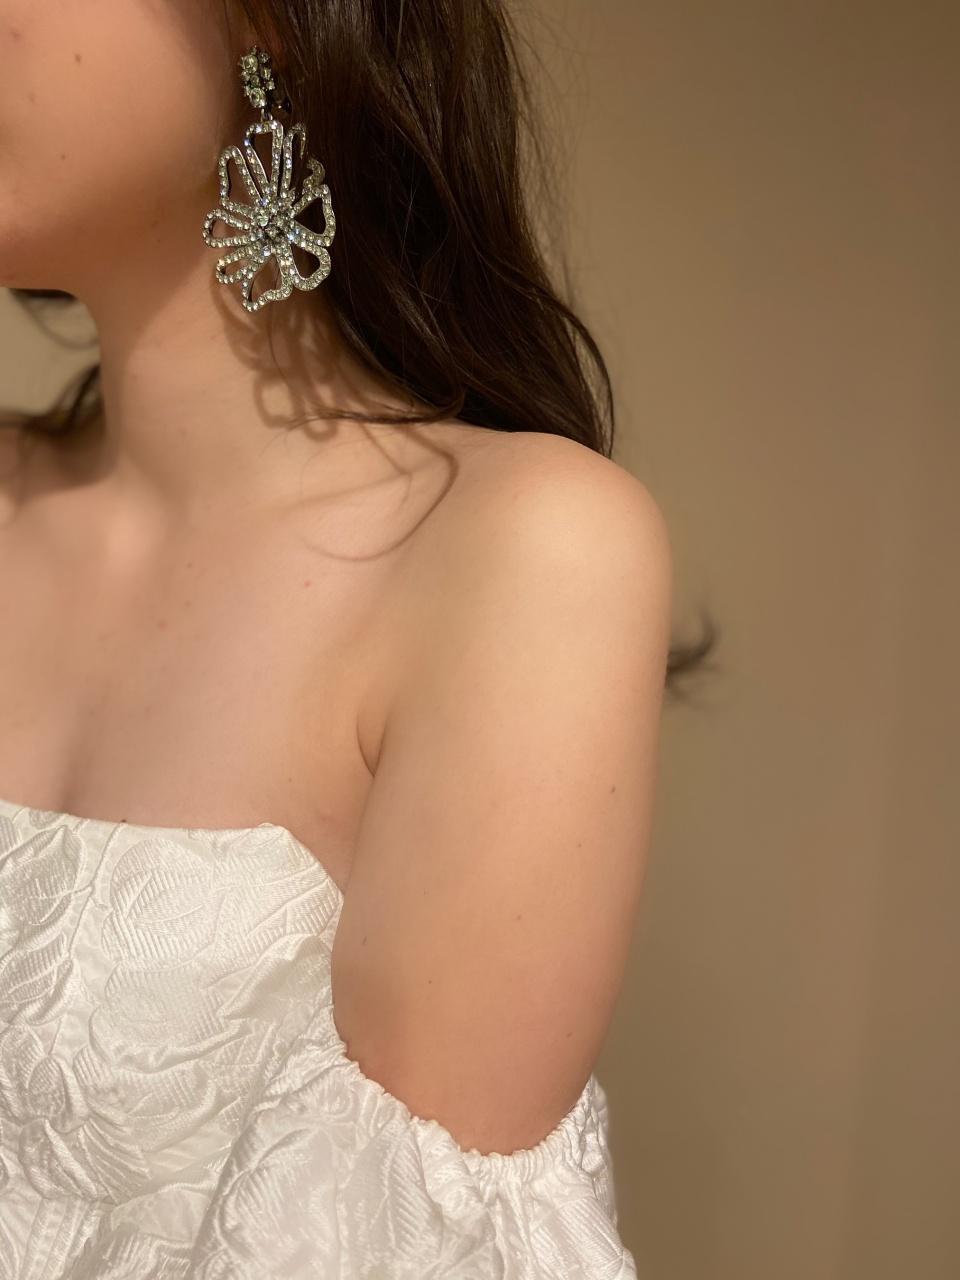 クリアブルーの大振りなフラワーモチーフのイヤリングを合わせ、モダンなドレスをよりファッショナブルな印象に